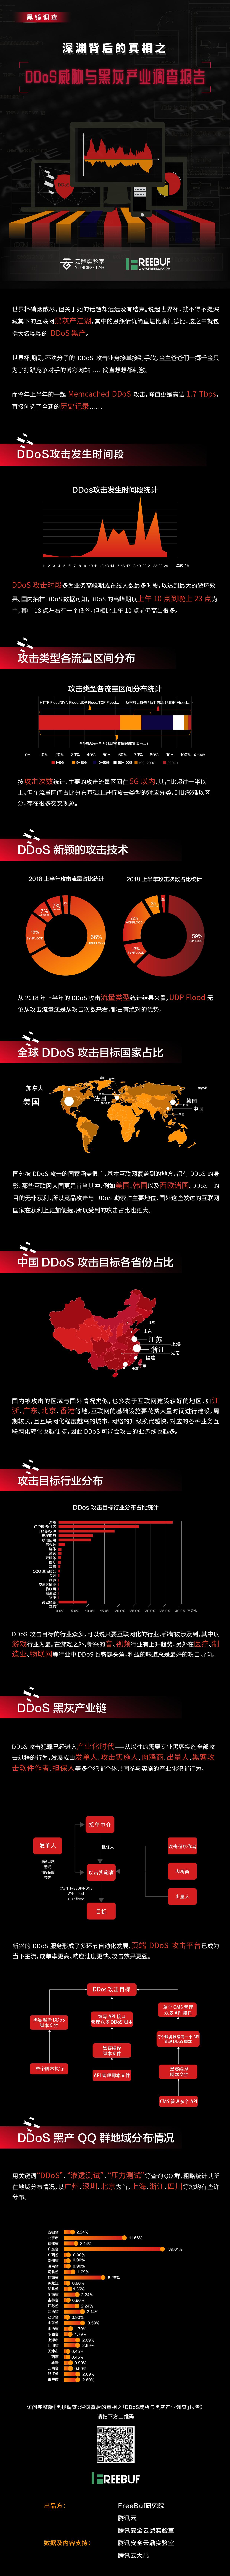 黑镜调查:深渊背后的真相之「DDoS威胁与黑灰产业调查报告」